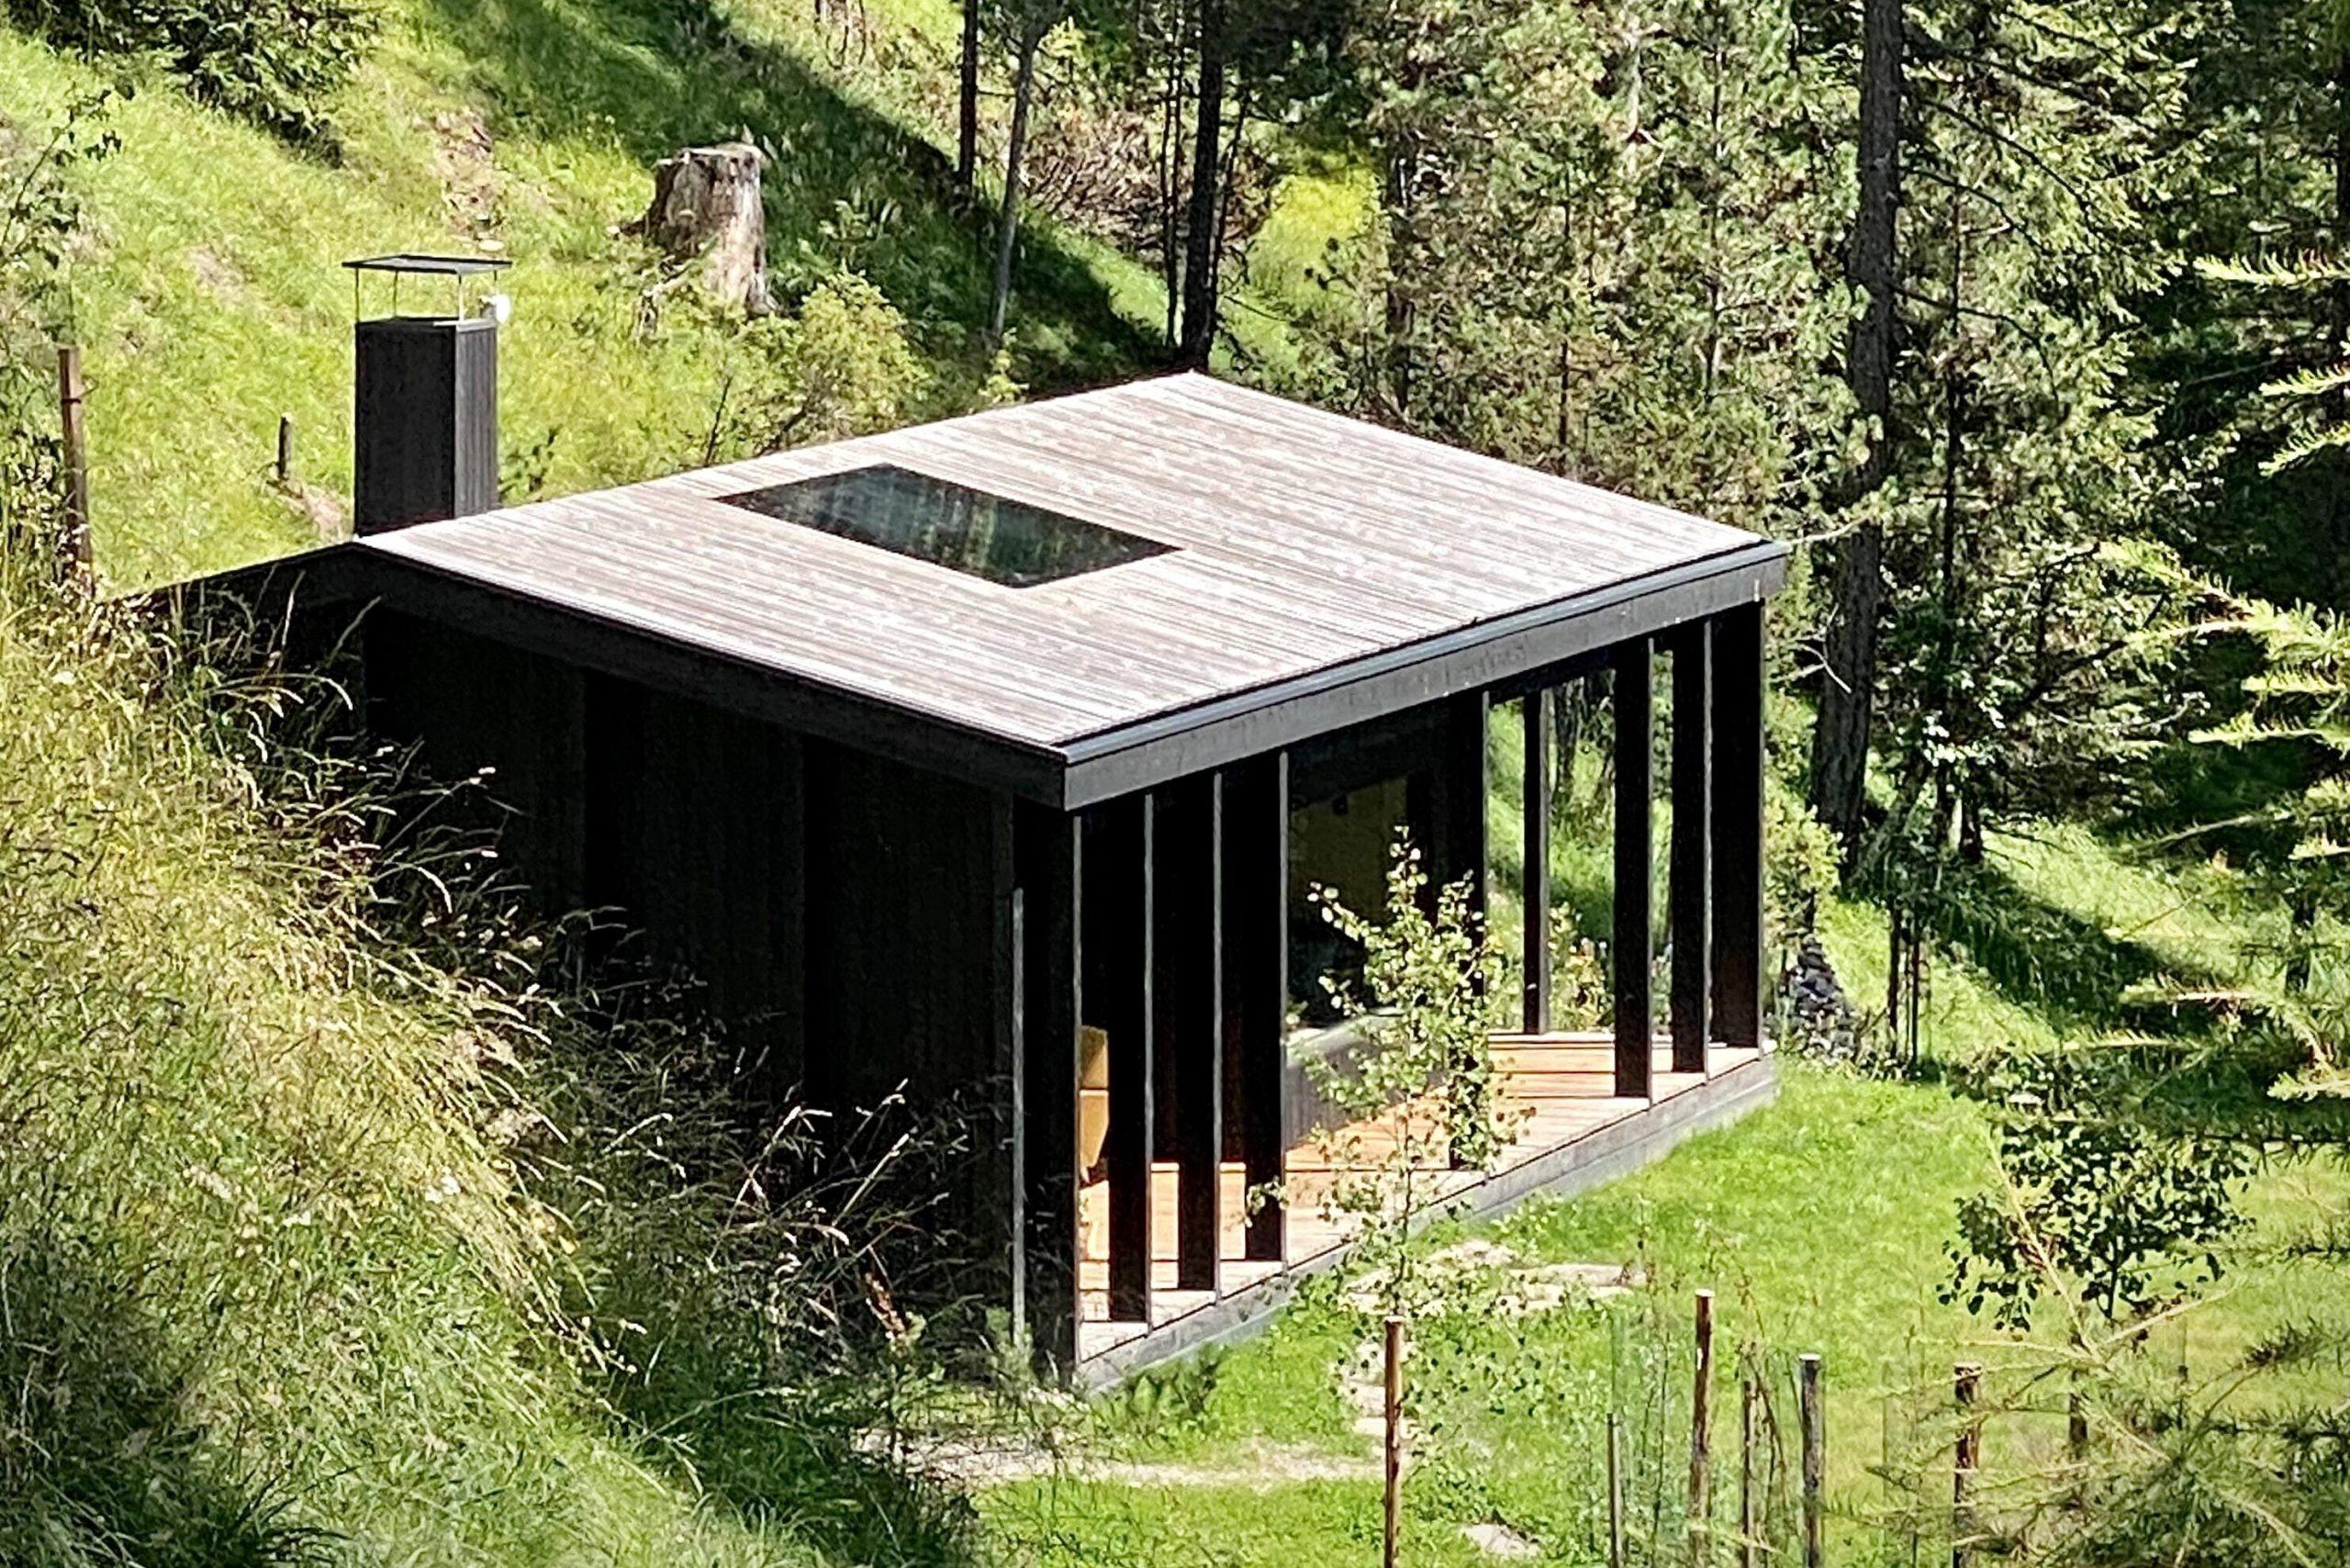 Maison Bioclimatique Transition Ecologique